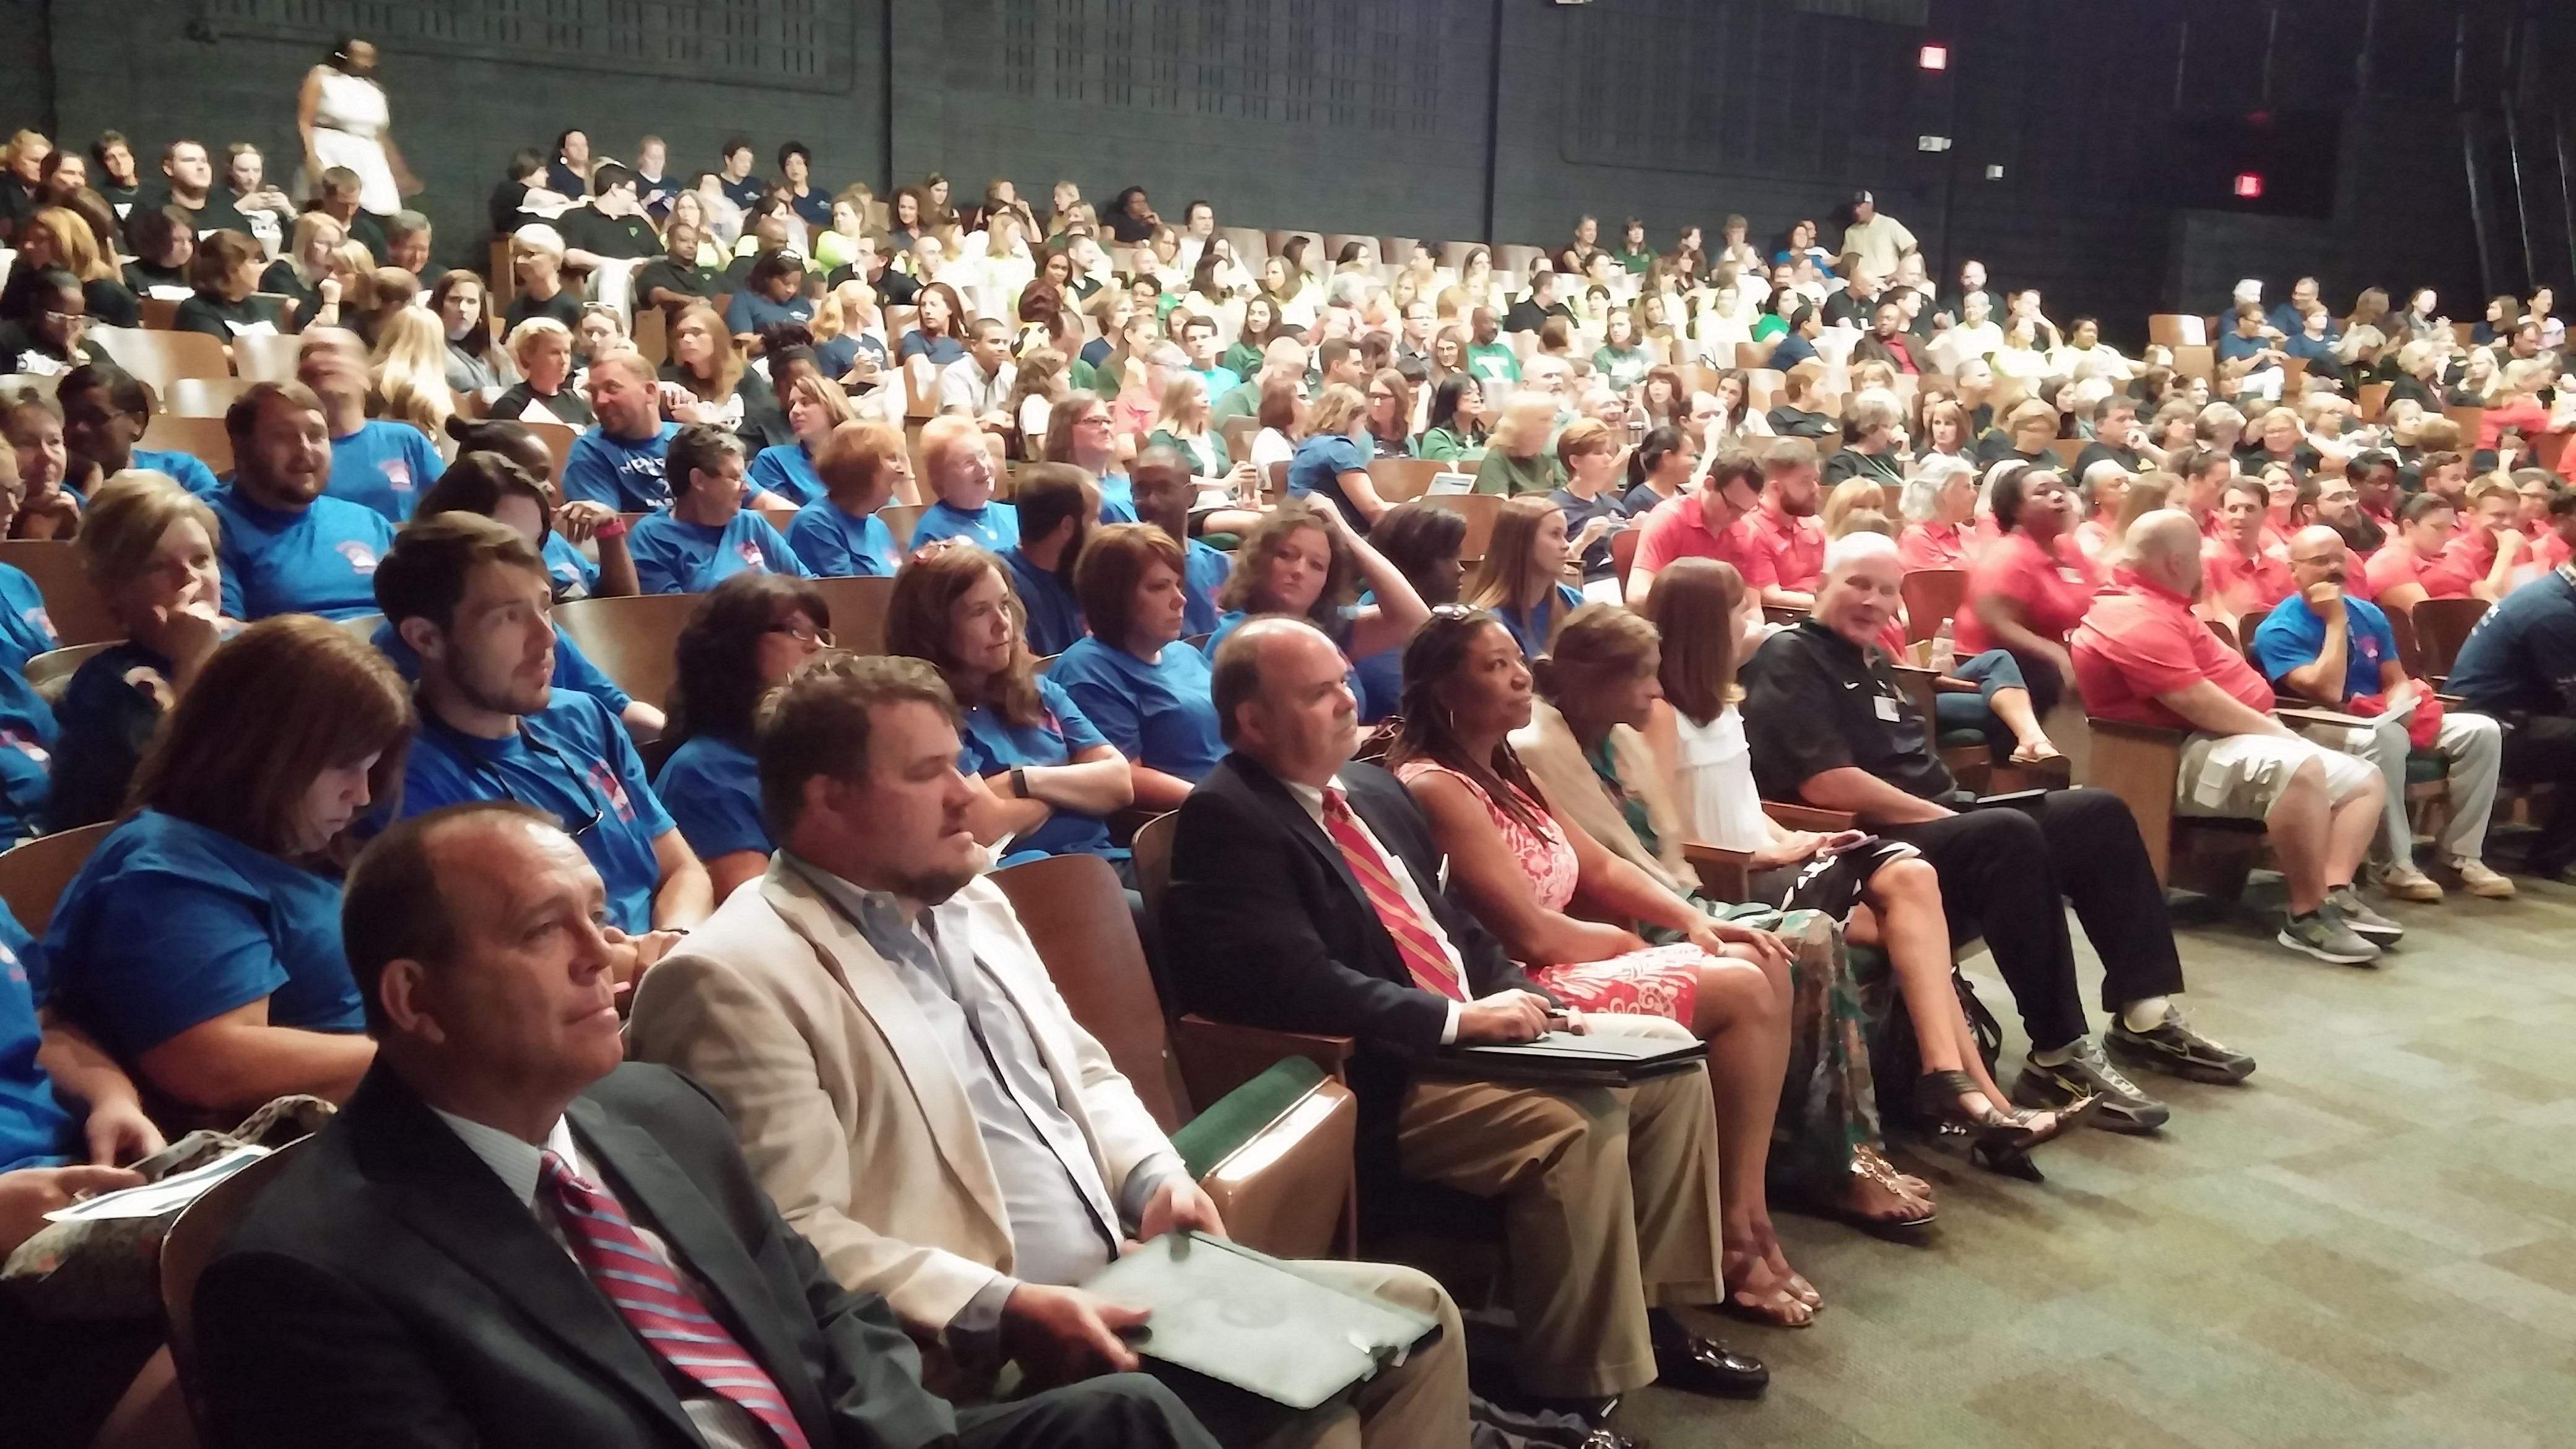 School Convocation Crowd 2016